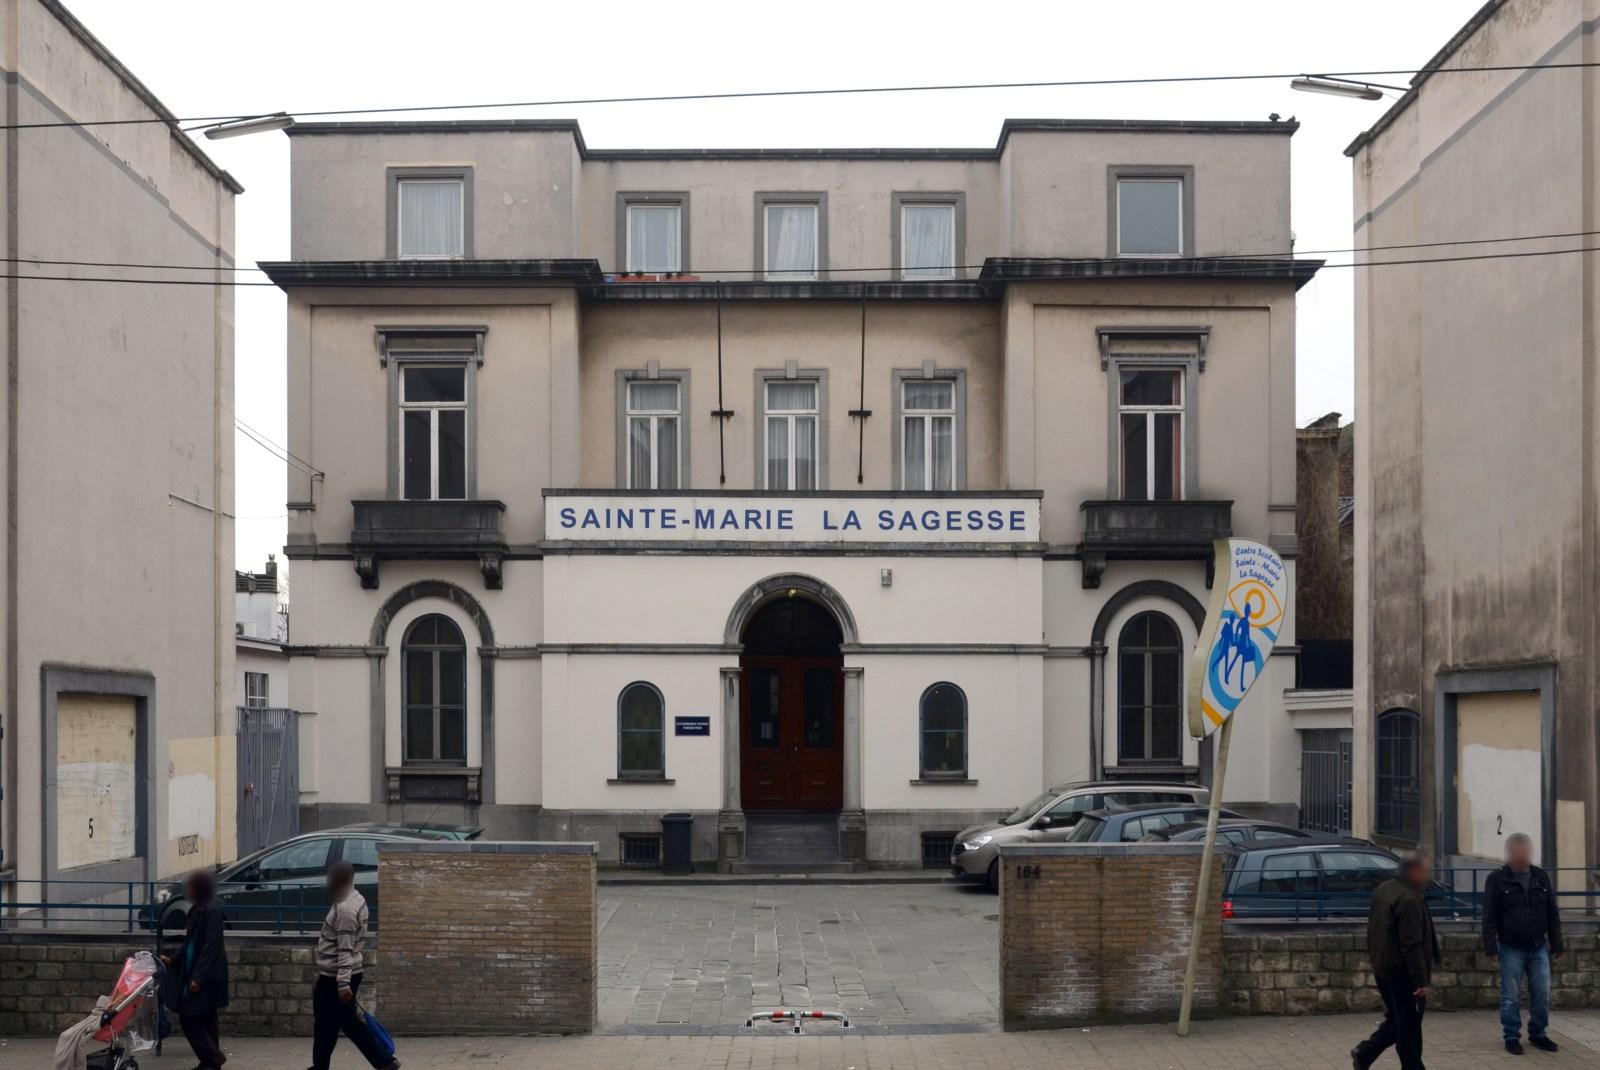 Chaussée de Haecht 164-166, Centre scolaire Sainte-Marie La Sagesse, ancienne villa (C), 2013